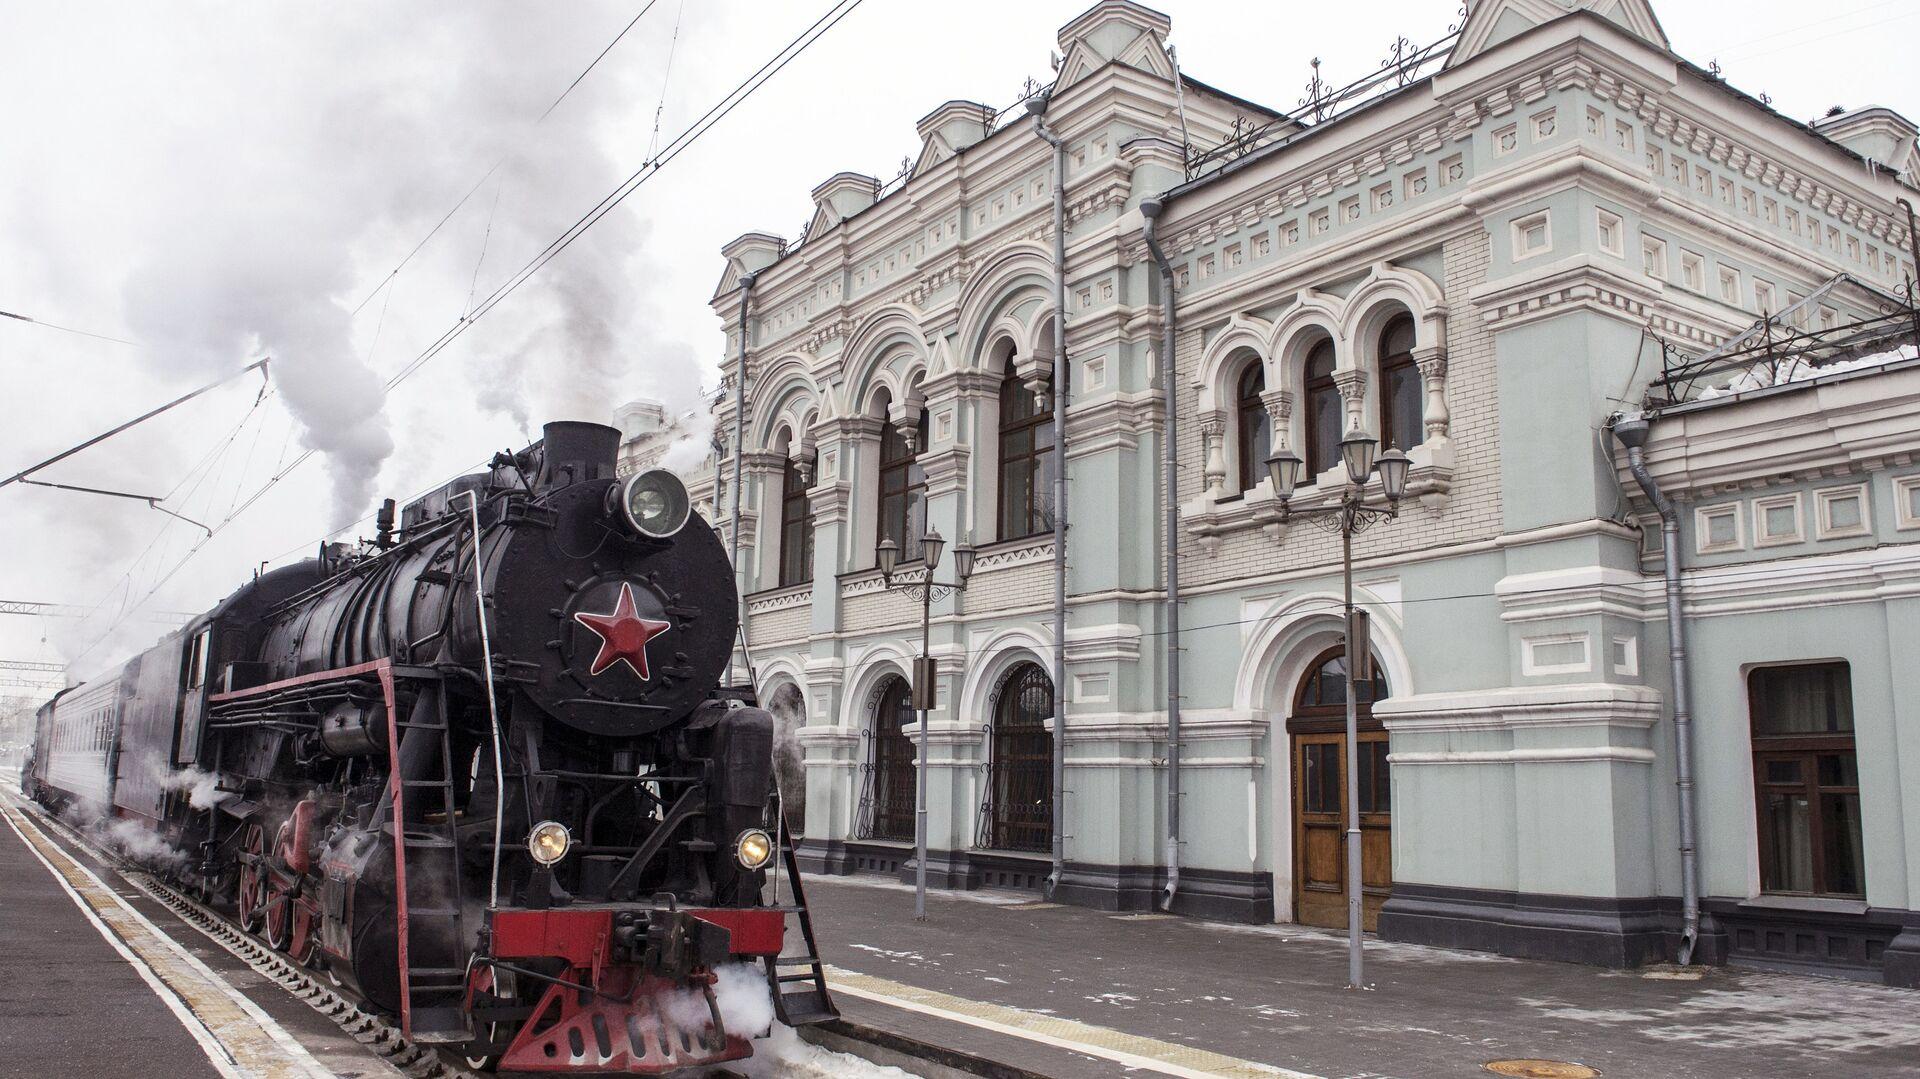 Рижский вокзал - РИА Новости, 1920, 09.03.2021